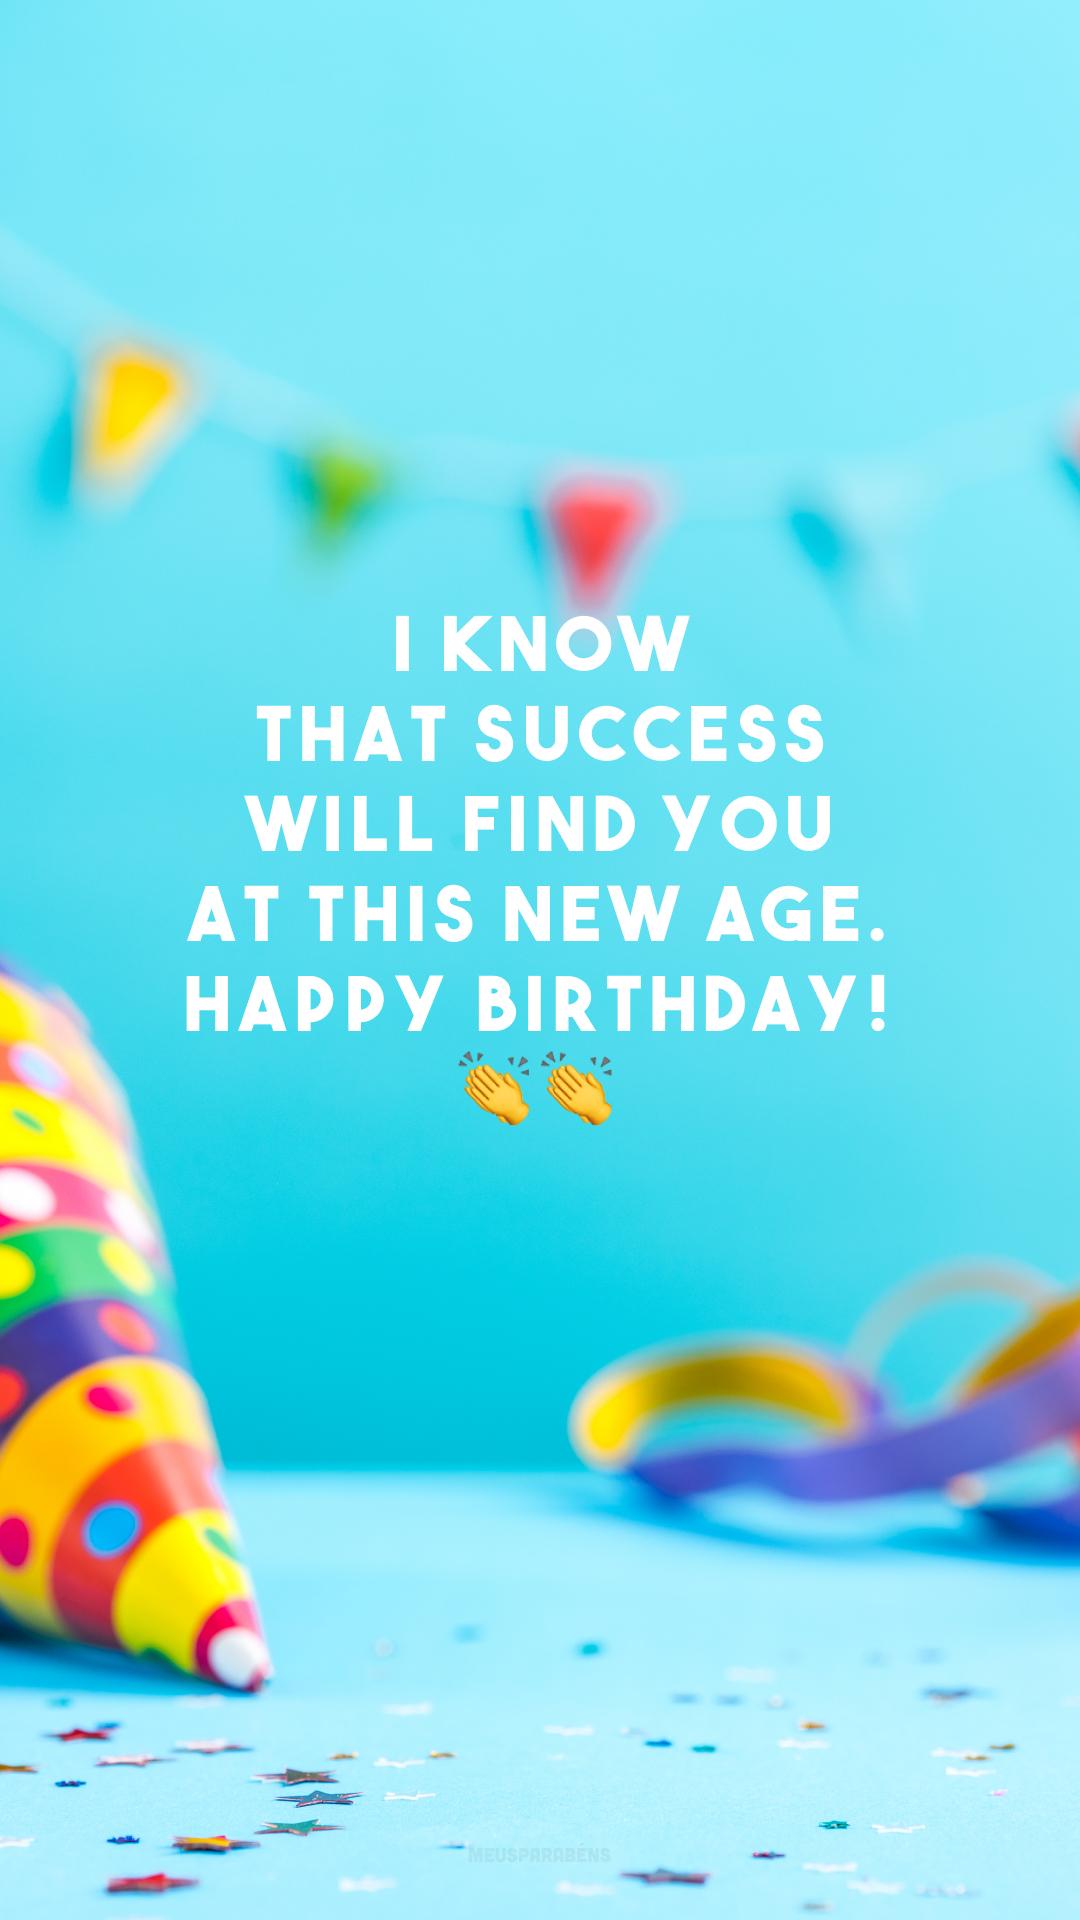 I know that success will find you at this new age. Happy birthday! 👏👏 (Sei que o sucesso te encontrará nessa nova idade. Feliz aniversário!)